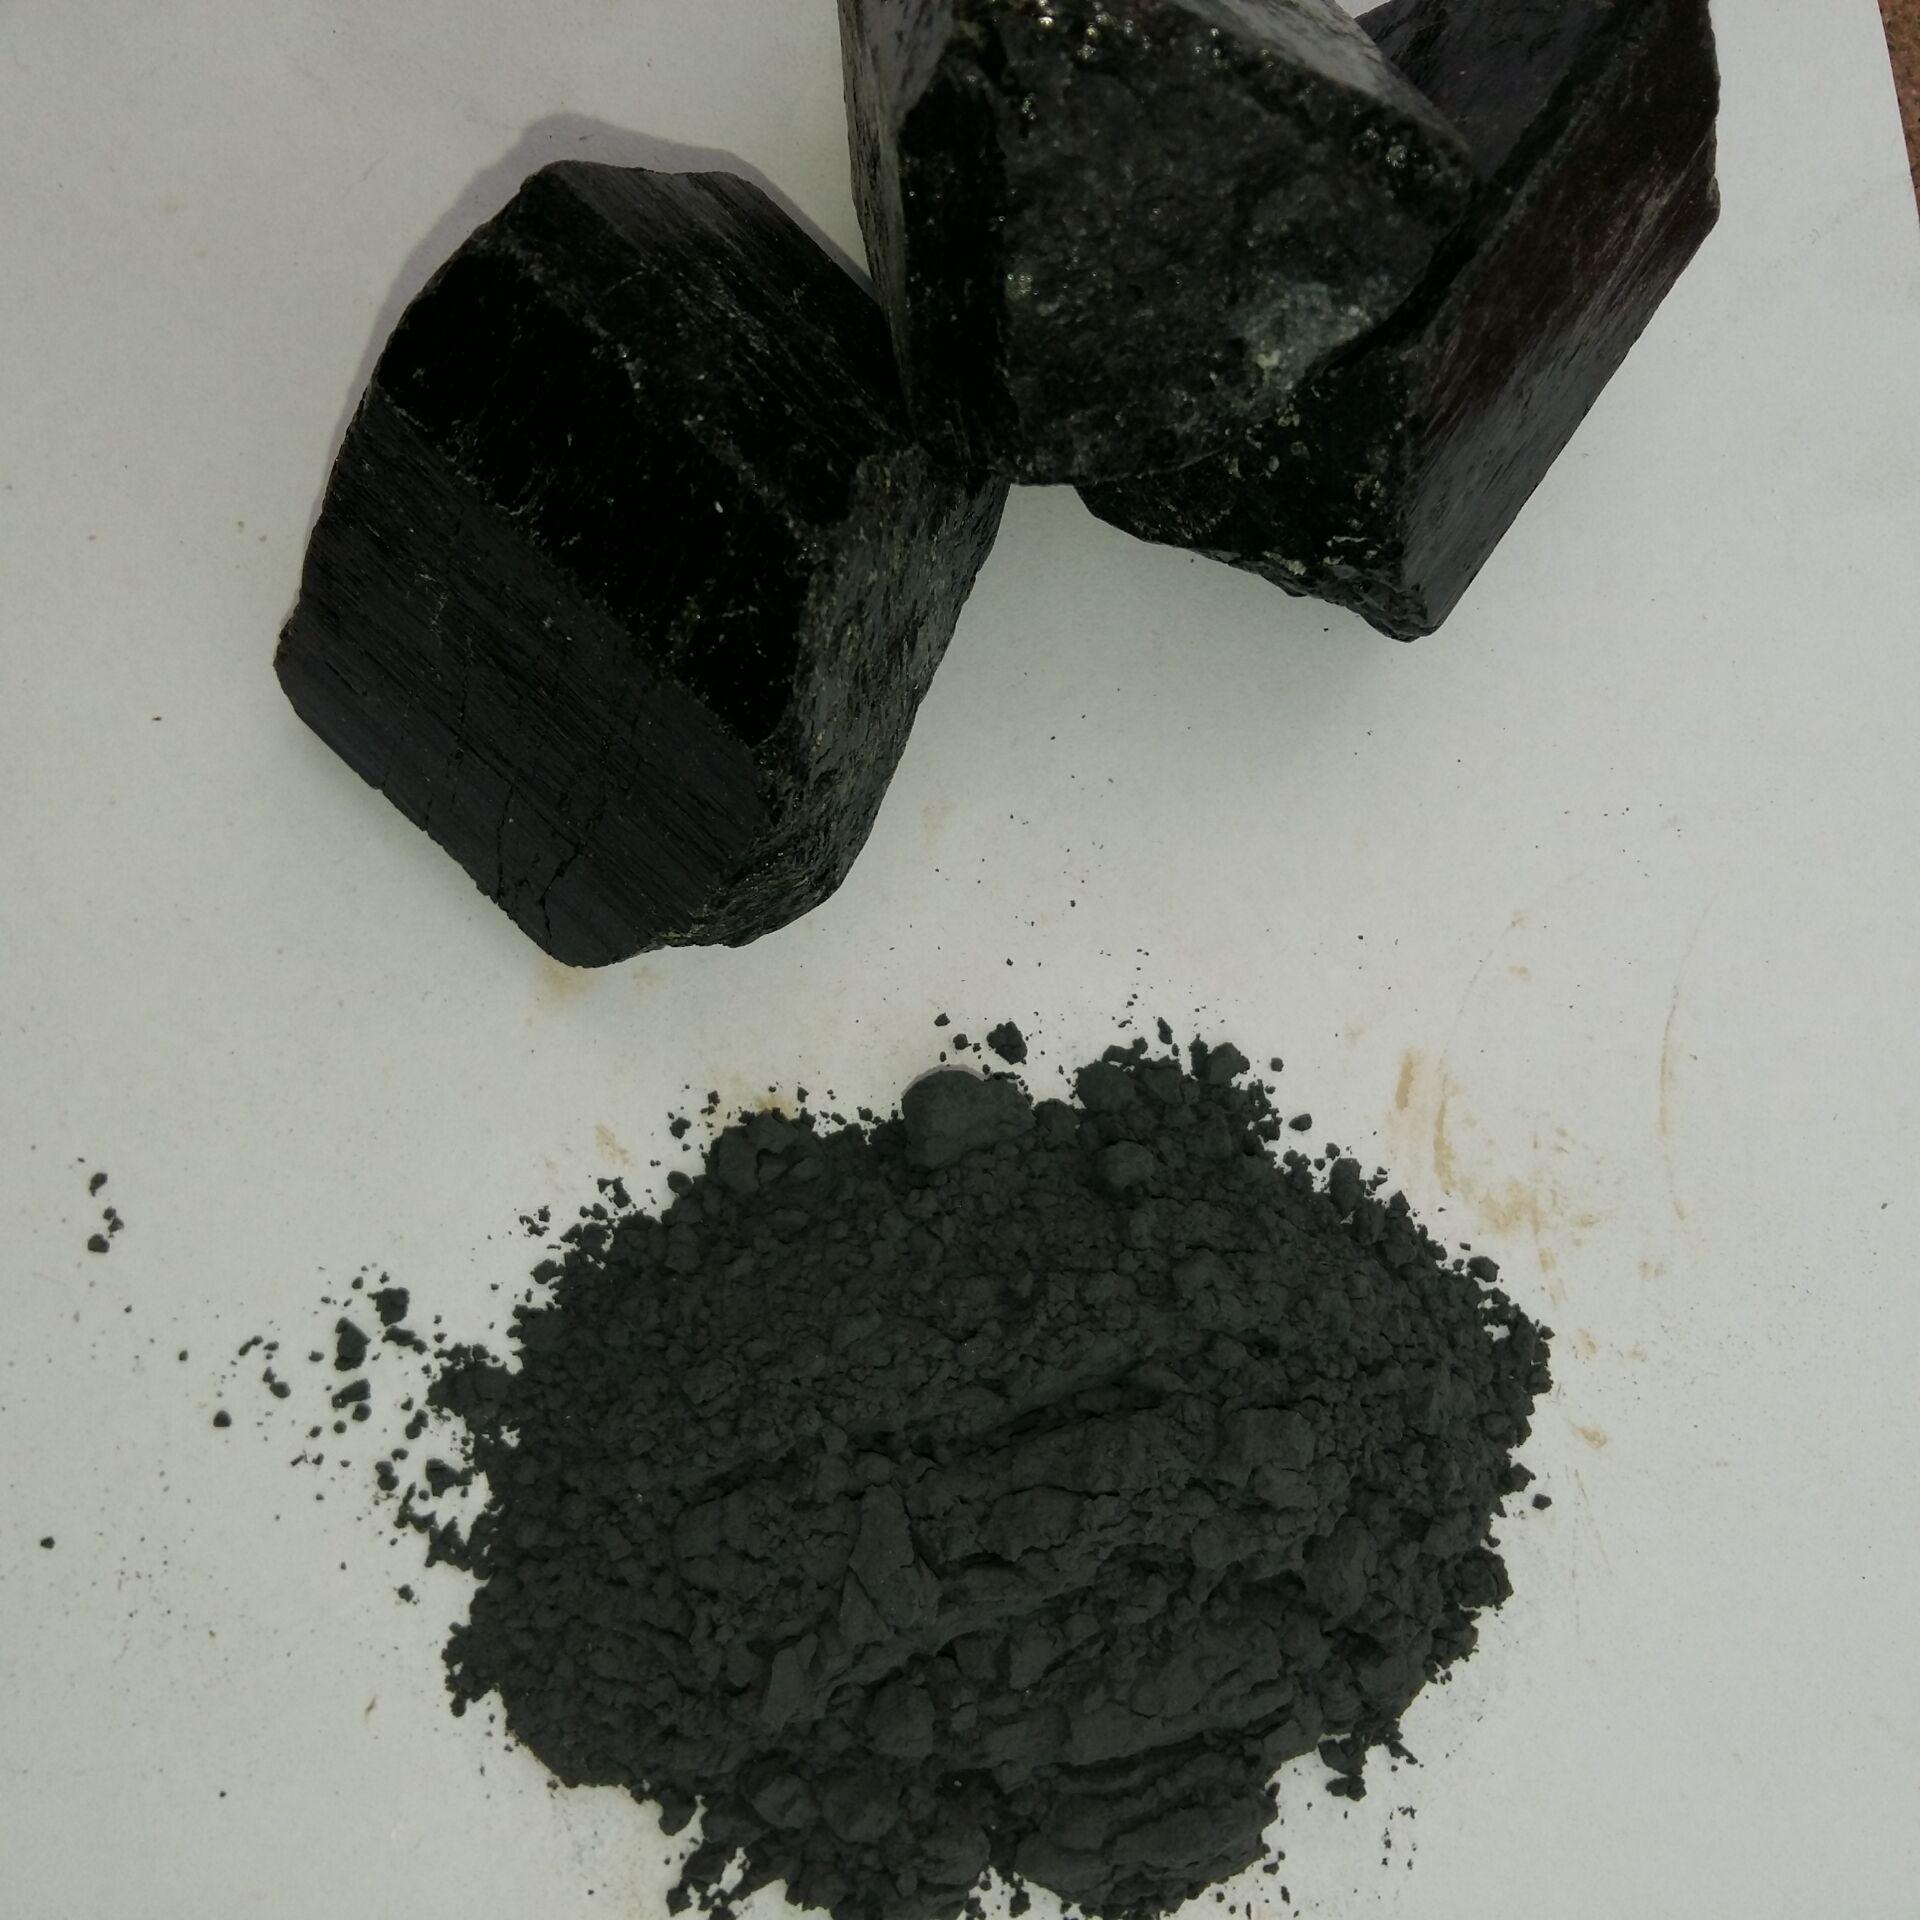 厂家直销 晶体电气石 大块电气石晶体 保健饰品用六棱电气石